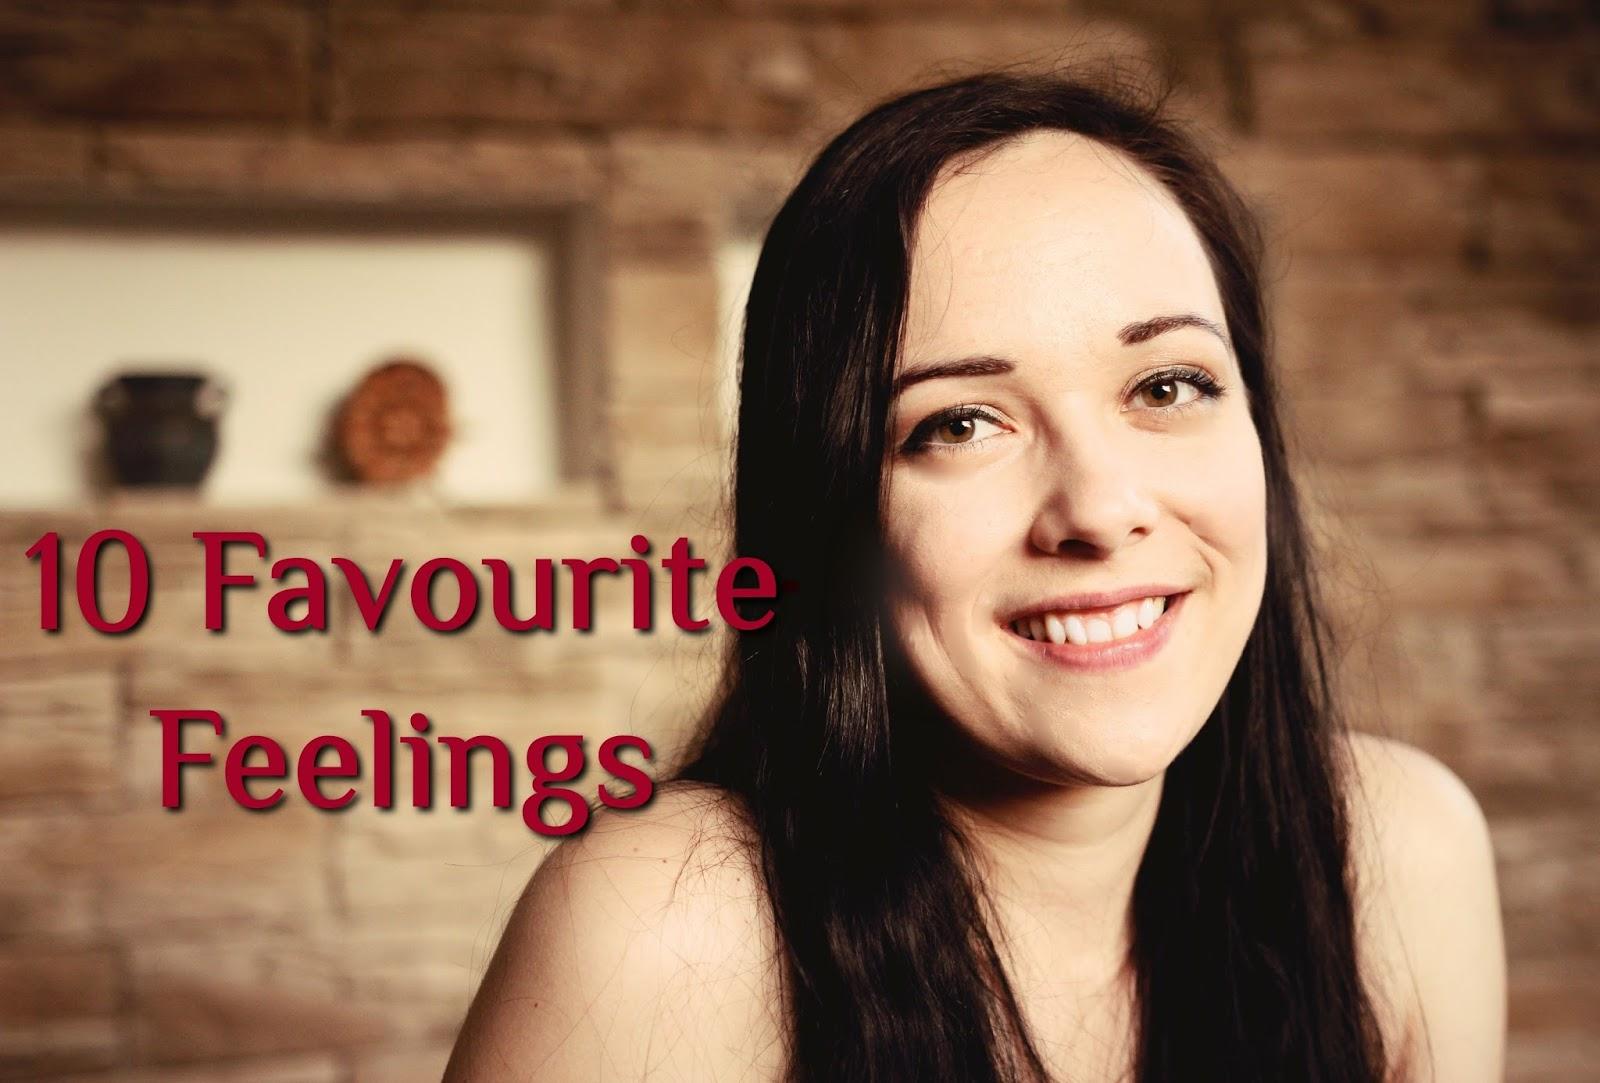 10 Favourite Feelings